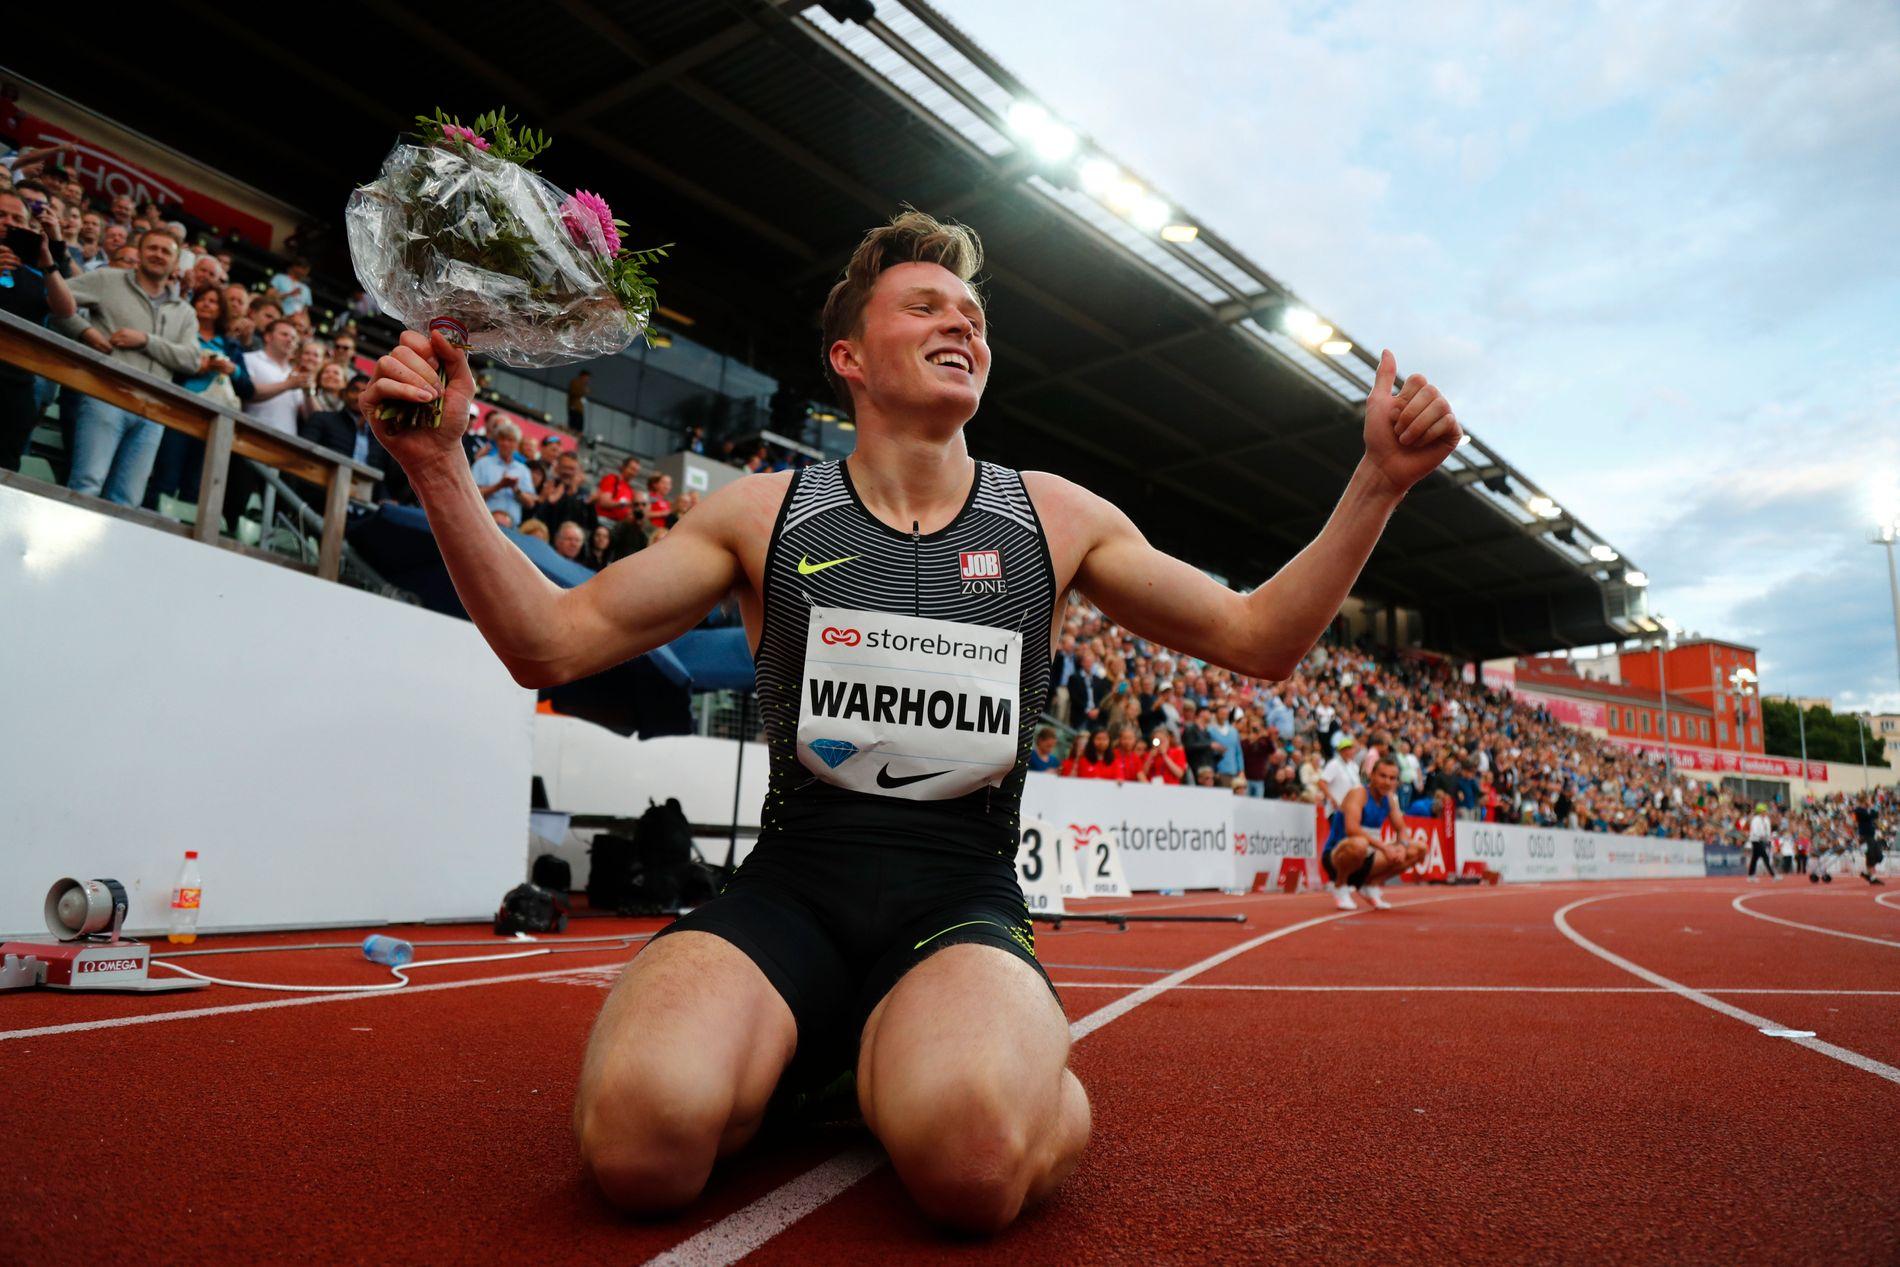 SLO REGJERENDE OLYMPISK MESTER: Karsten Warholm sto løpet helt til mål og vant 400 meter hekk på Bislett. Han satte samtidig norsk rekord. Etterpå var han helt utladet.